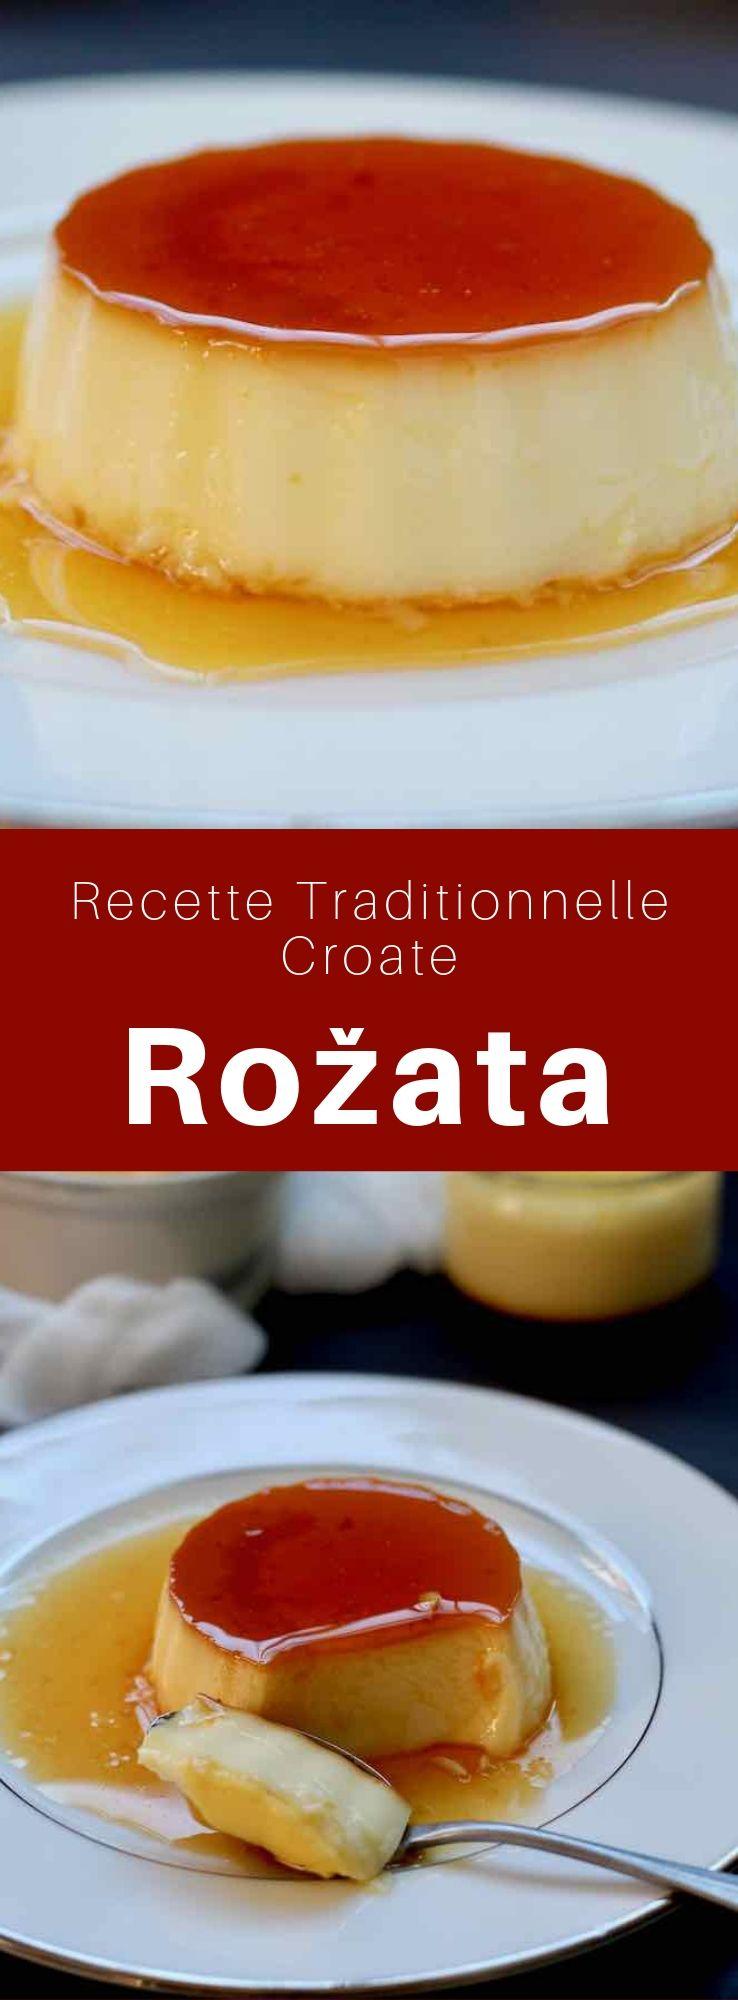 La rožata, rozata, rožada ou rozada est un pudding croate à la crème de la région de Dubrovnik qui ressemble au flan et à la crème brûlée. #RecetteCroate #CuisineCroate #CuisineDesBalkans #CremeCaramel #CuisineDuMonde #196flavors